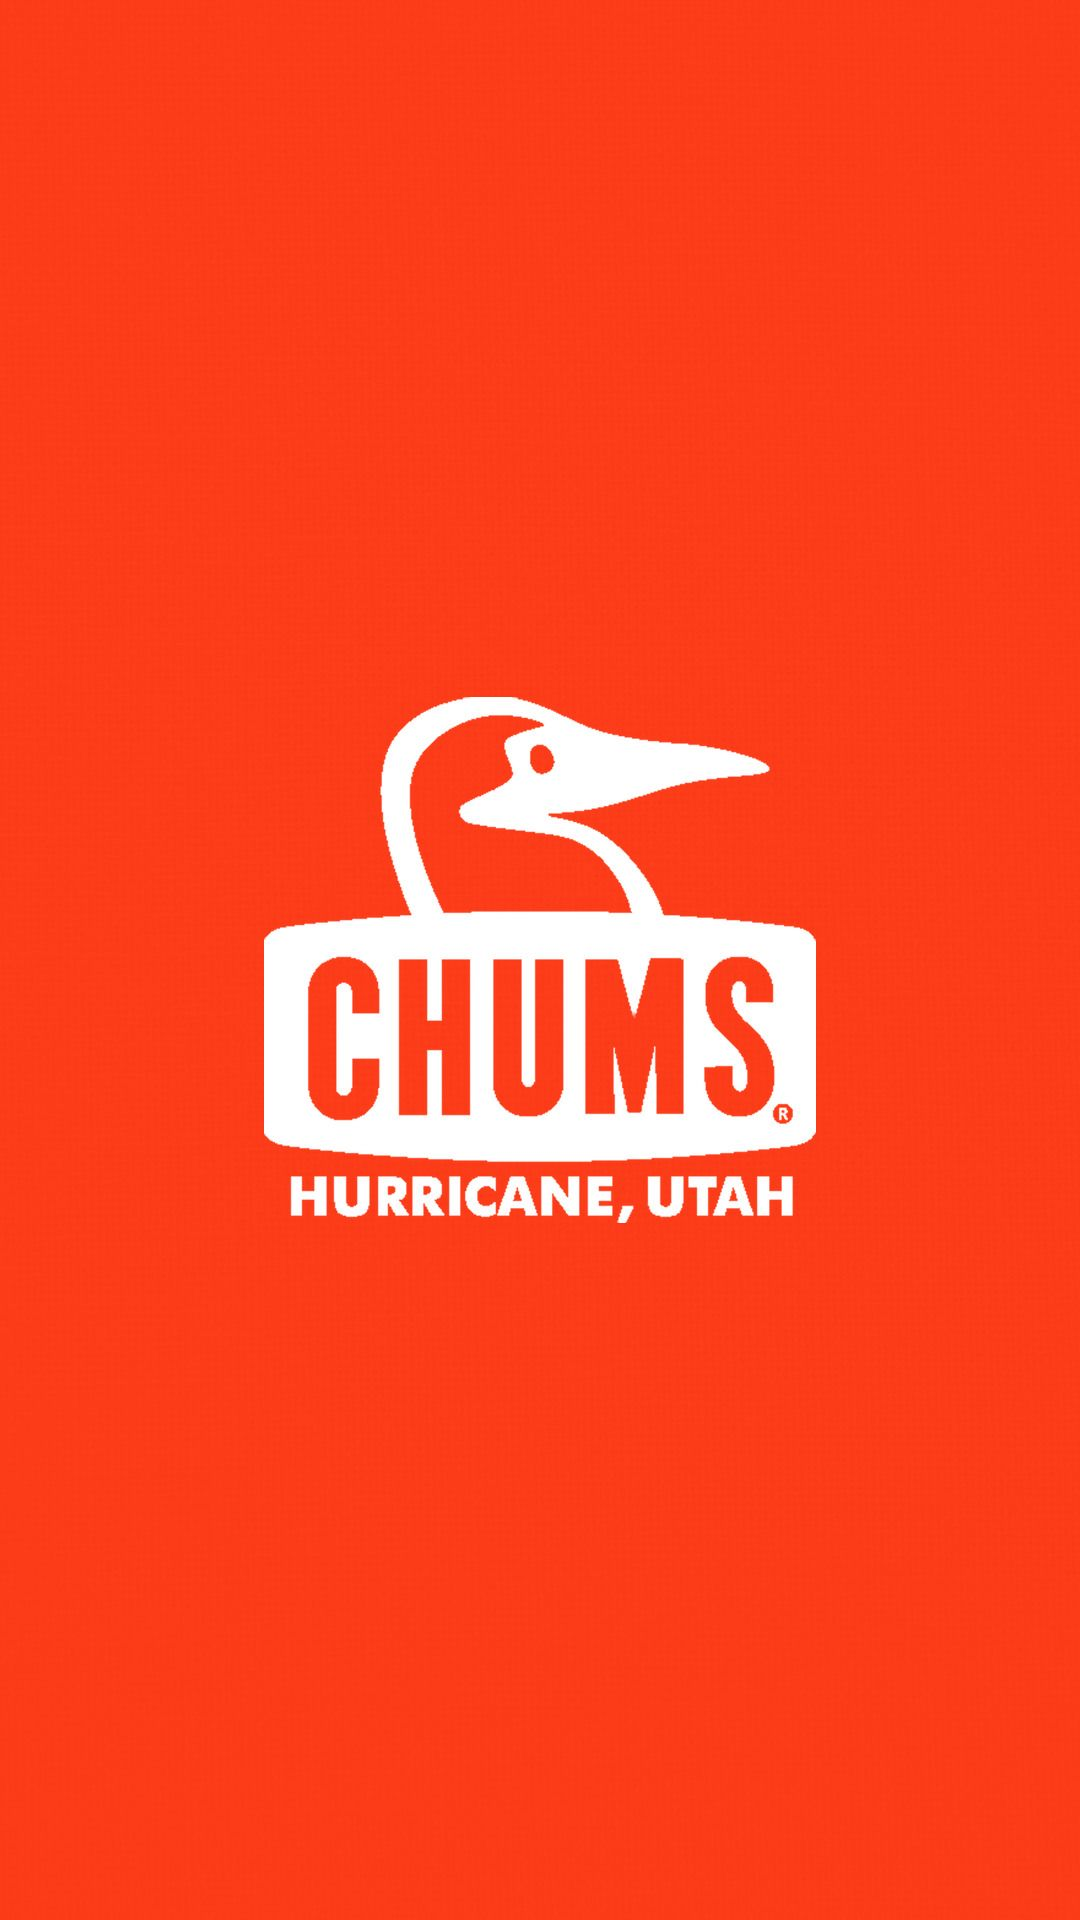 チャムス Chums40 キャンプ イラスト ステッカー ロゴ ステッカー